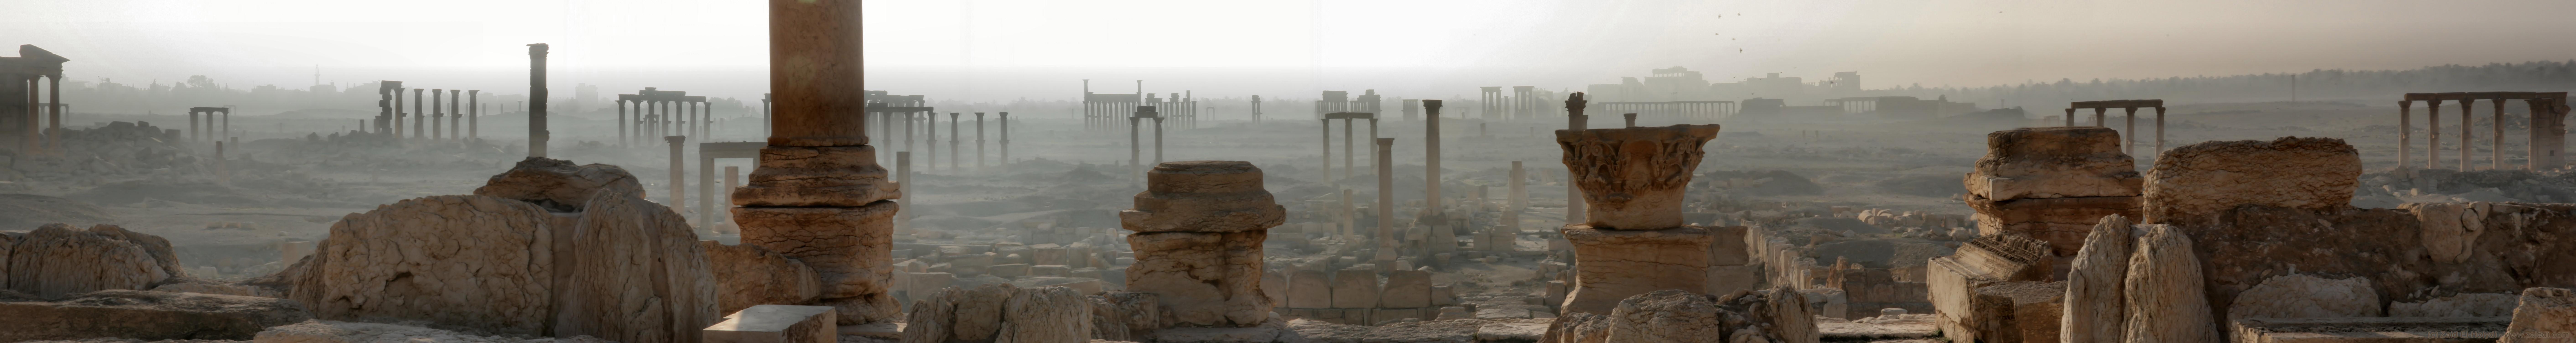 Утренняя панорама Пальмиры